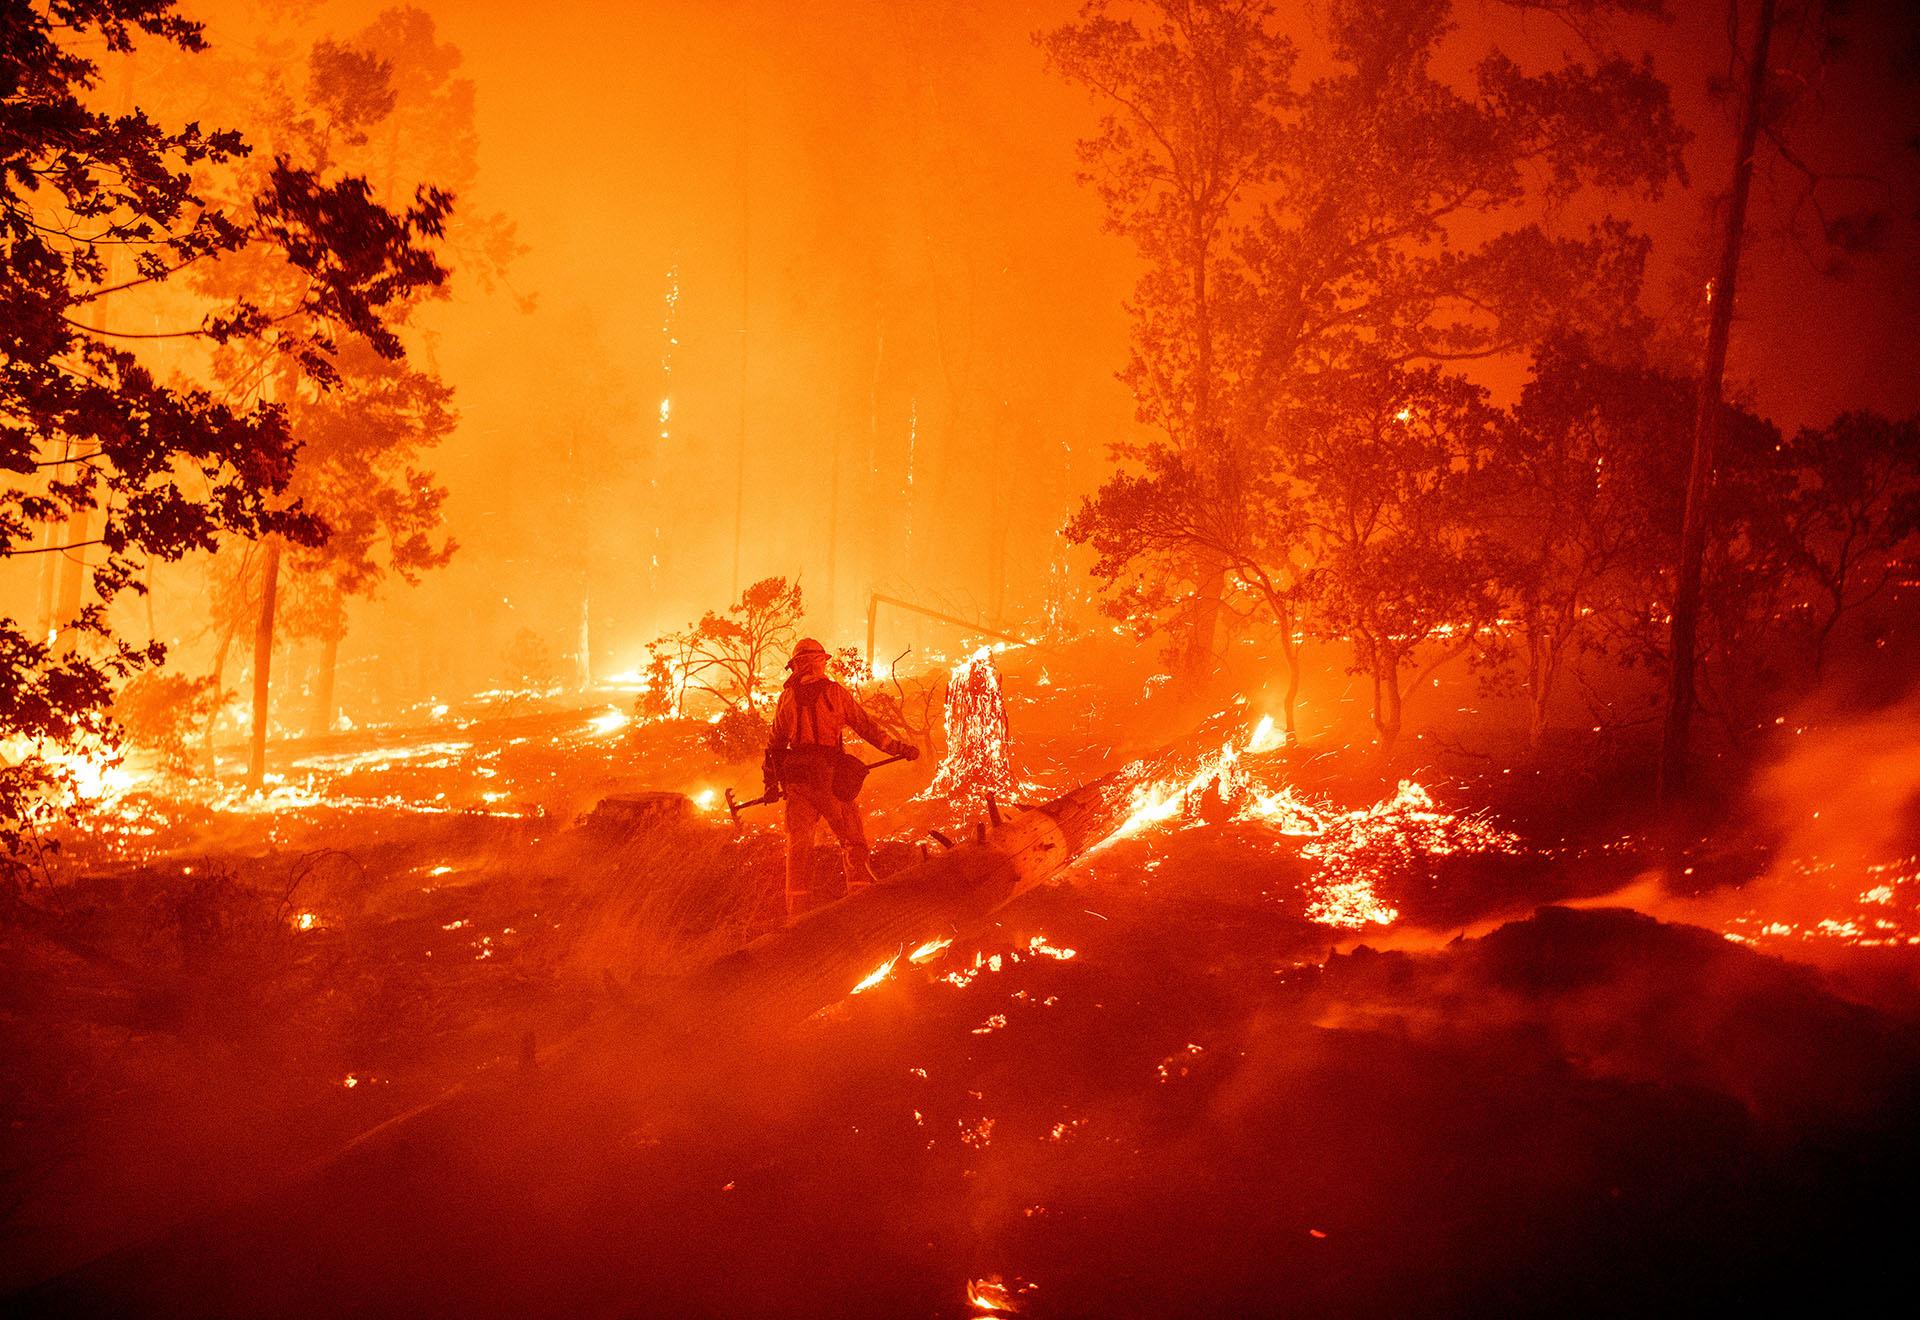 El incendio más devastador, que se inició el viernes, es el fuego de Creek -como ha sido bautizado por el Departamento Forestal y de Protección contra Incendios de California (Cal Fire) - ya ha quemado 32.000 hectáreas y las diez dotaciones de bomberos que trabajan en él aún no han logrado ningún avance en las tareas de contención. (JOSH EDELSON / AFP)